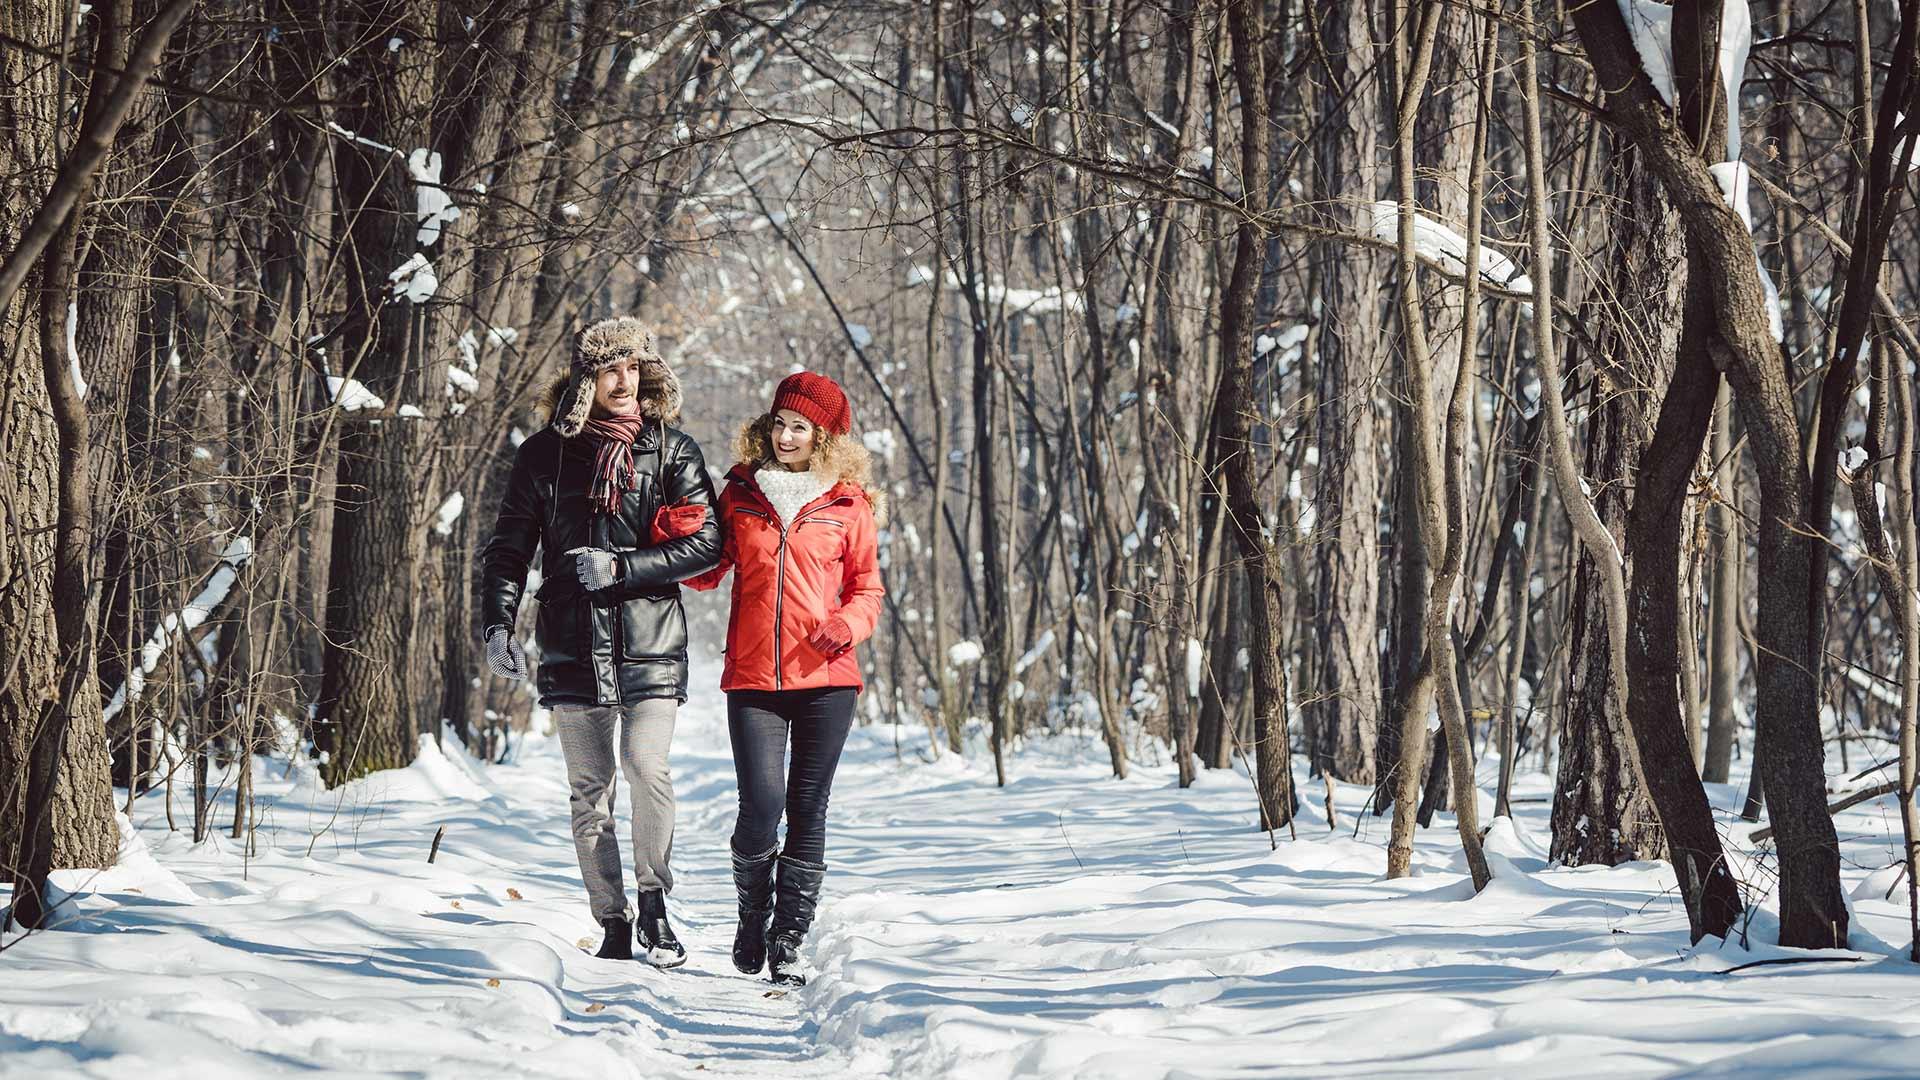 Escursione invernali - Merano e dintorni